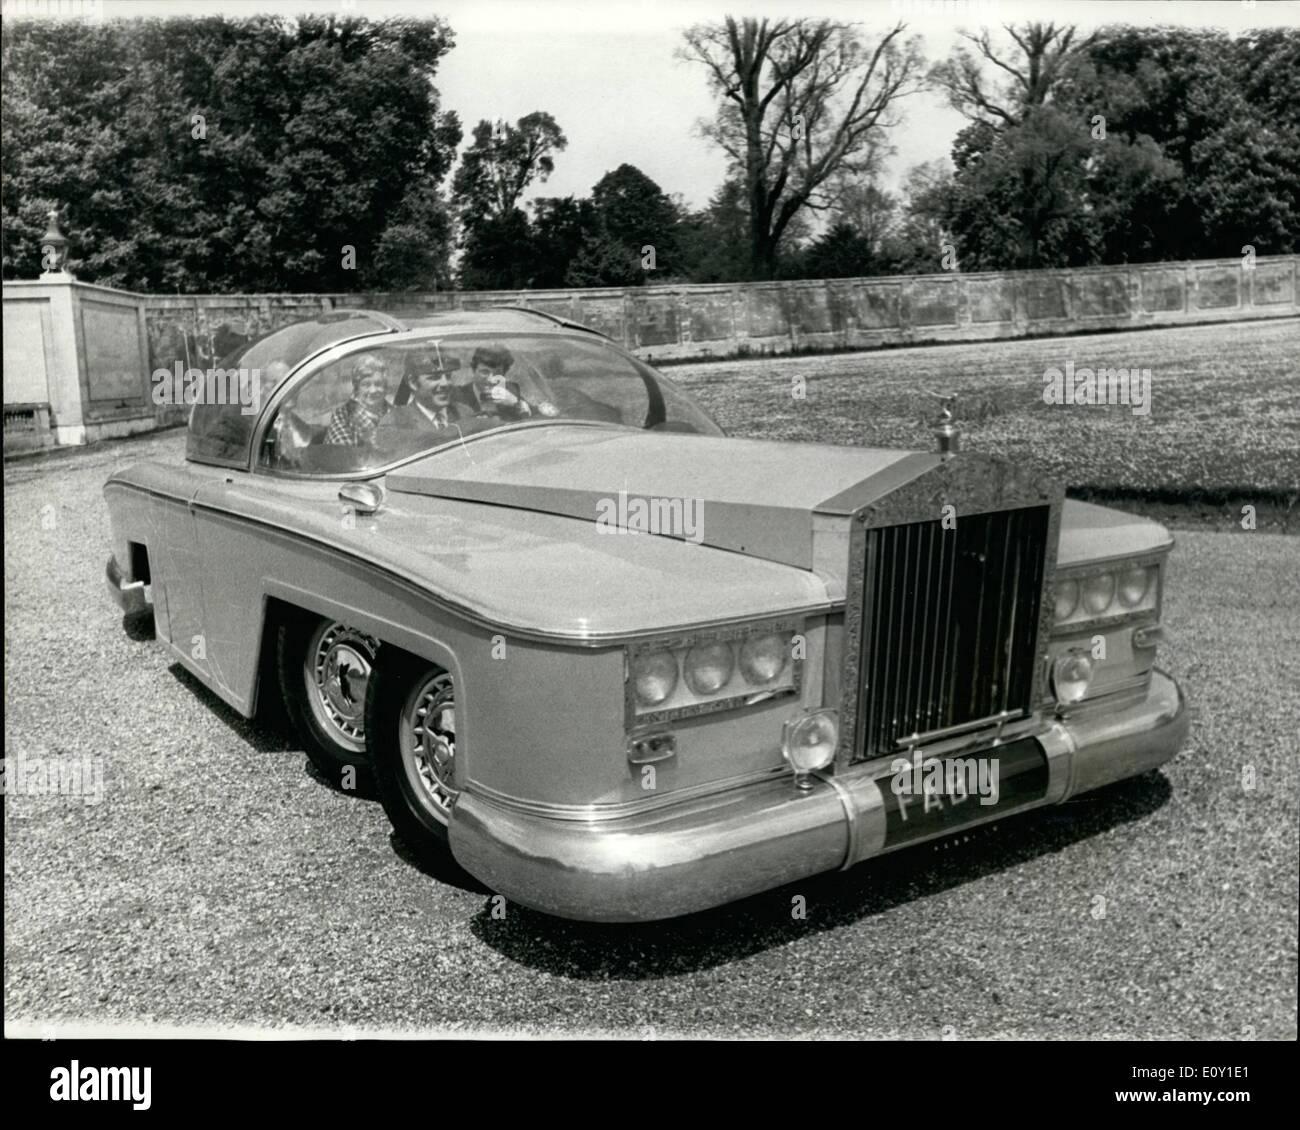 Teuerste limousine der welt  5. Mai 1968 - größte und teuerste Auto der Welt. Die fabelhafte ...